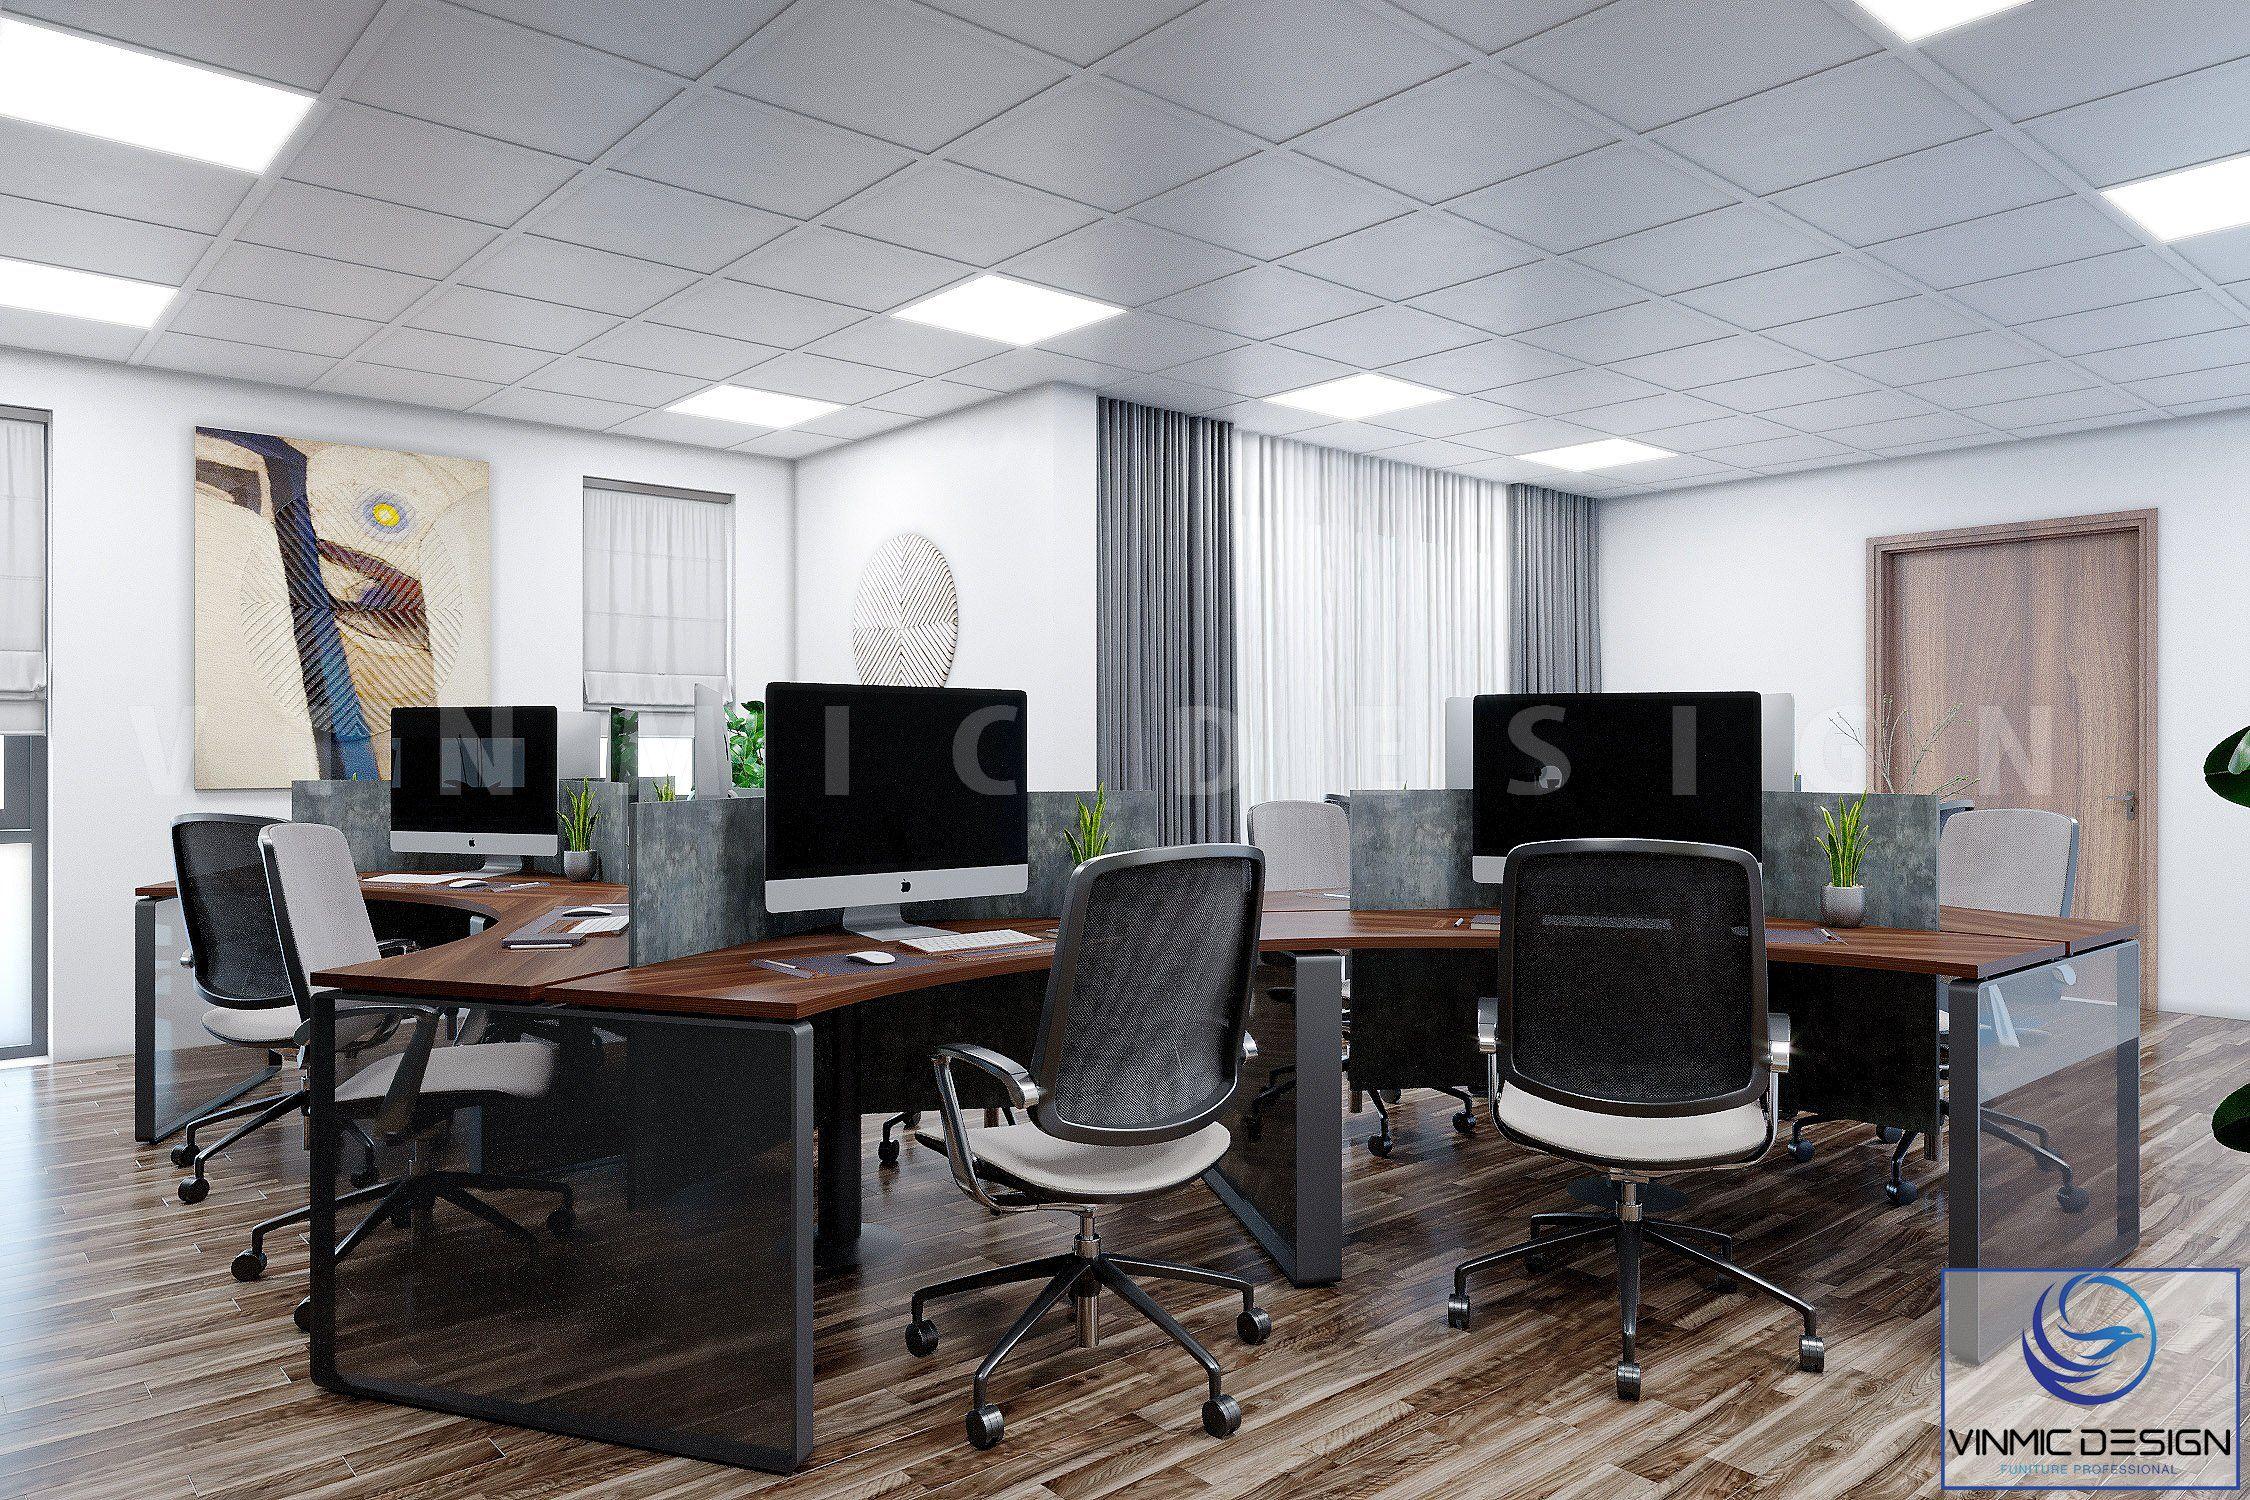 Chỗ ngồi làm việc được thiết kế đầy khoa học và hợp lí